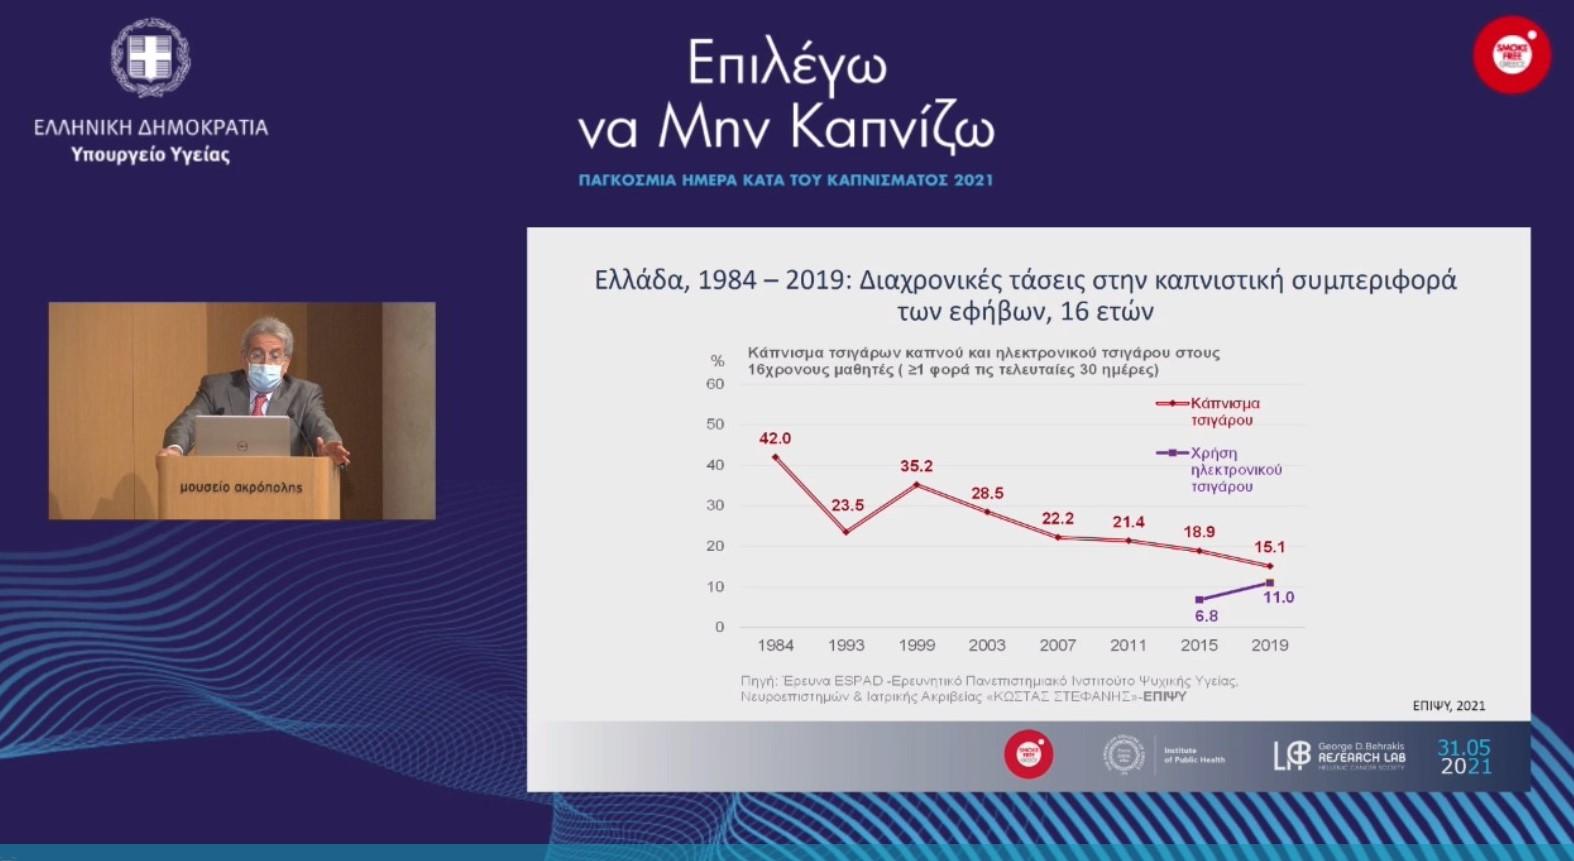 Στοιχεία για τον επιπολασμό του καπνίσματος στην Ελλάδα